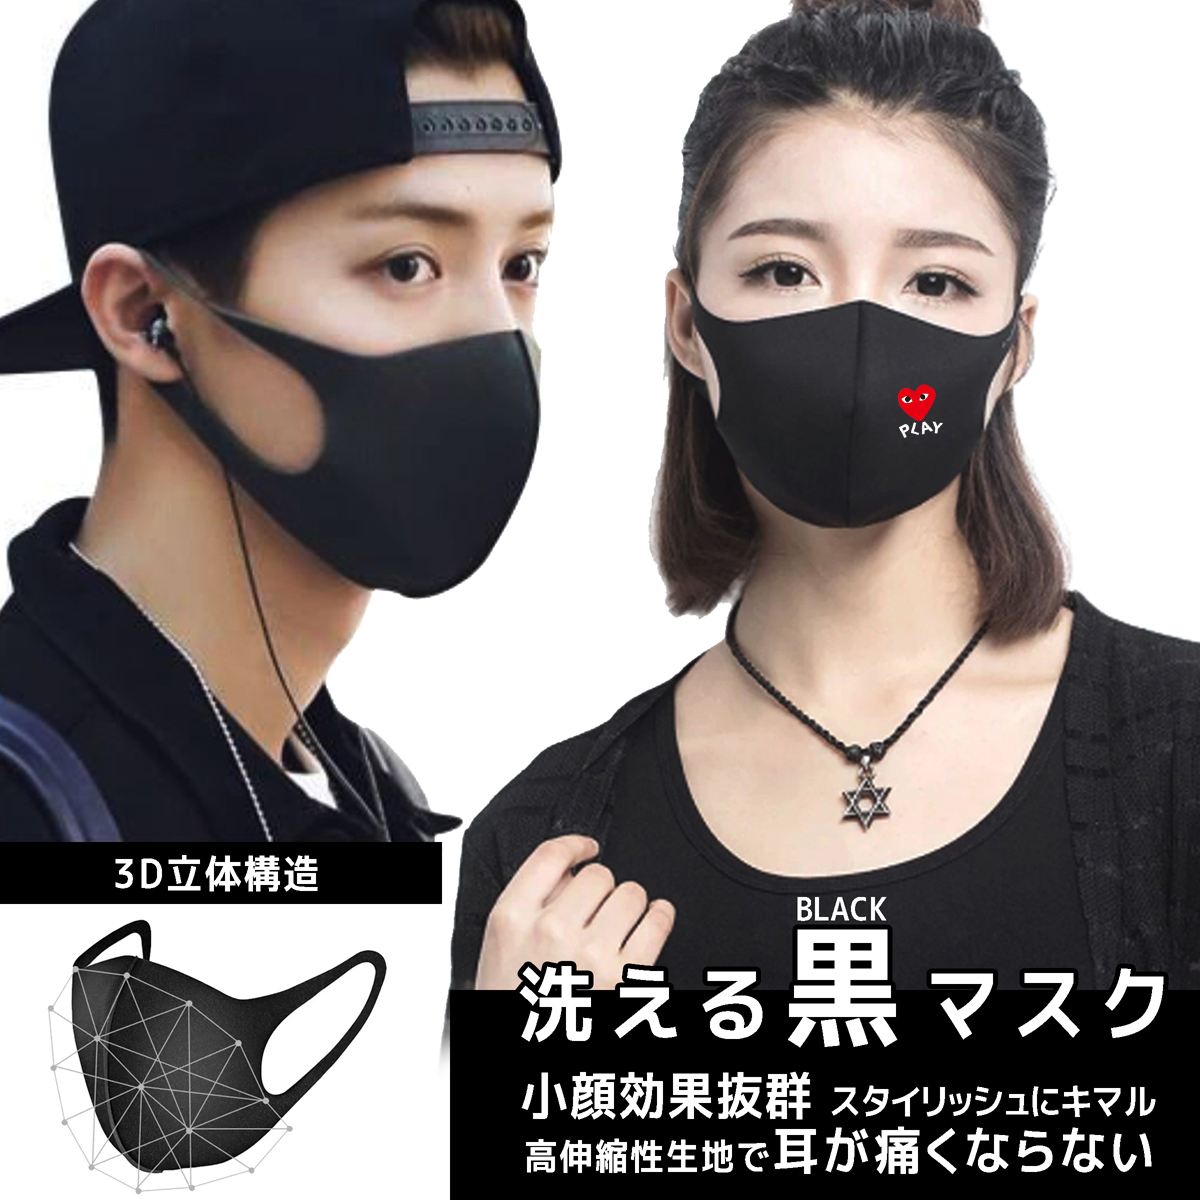 Rei Kawakubo 布マスク 洗い方 レディース かわくぼ れい ストリートブランド マスク